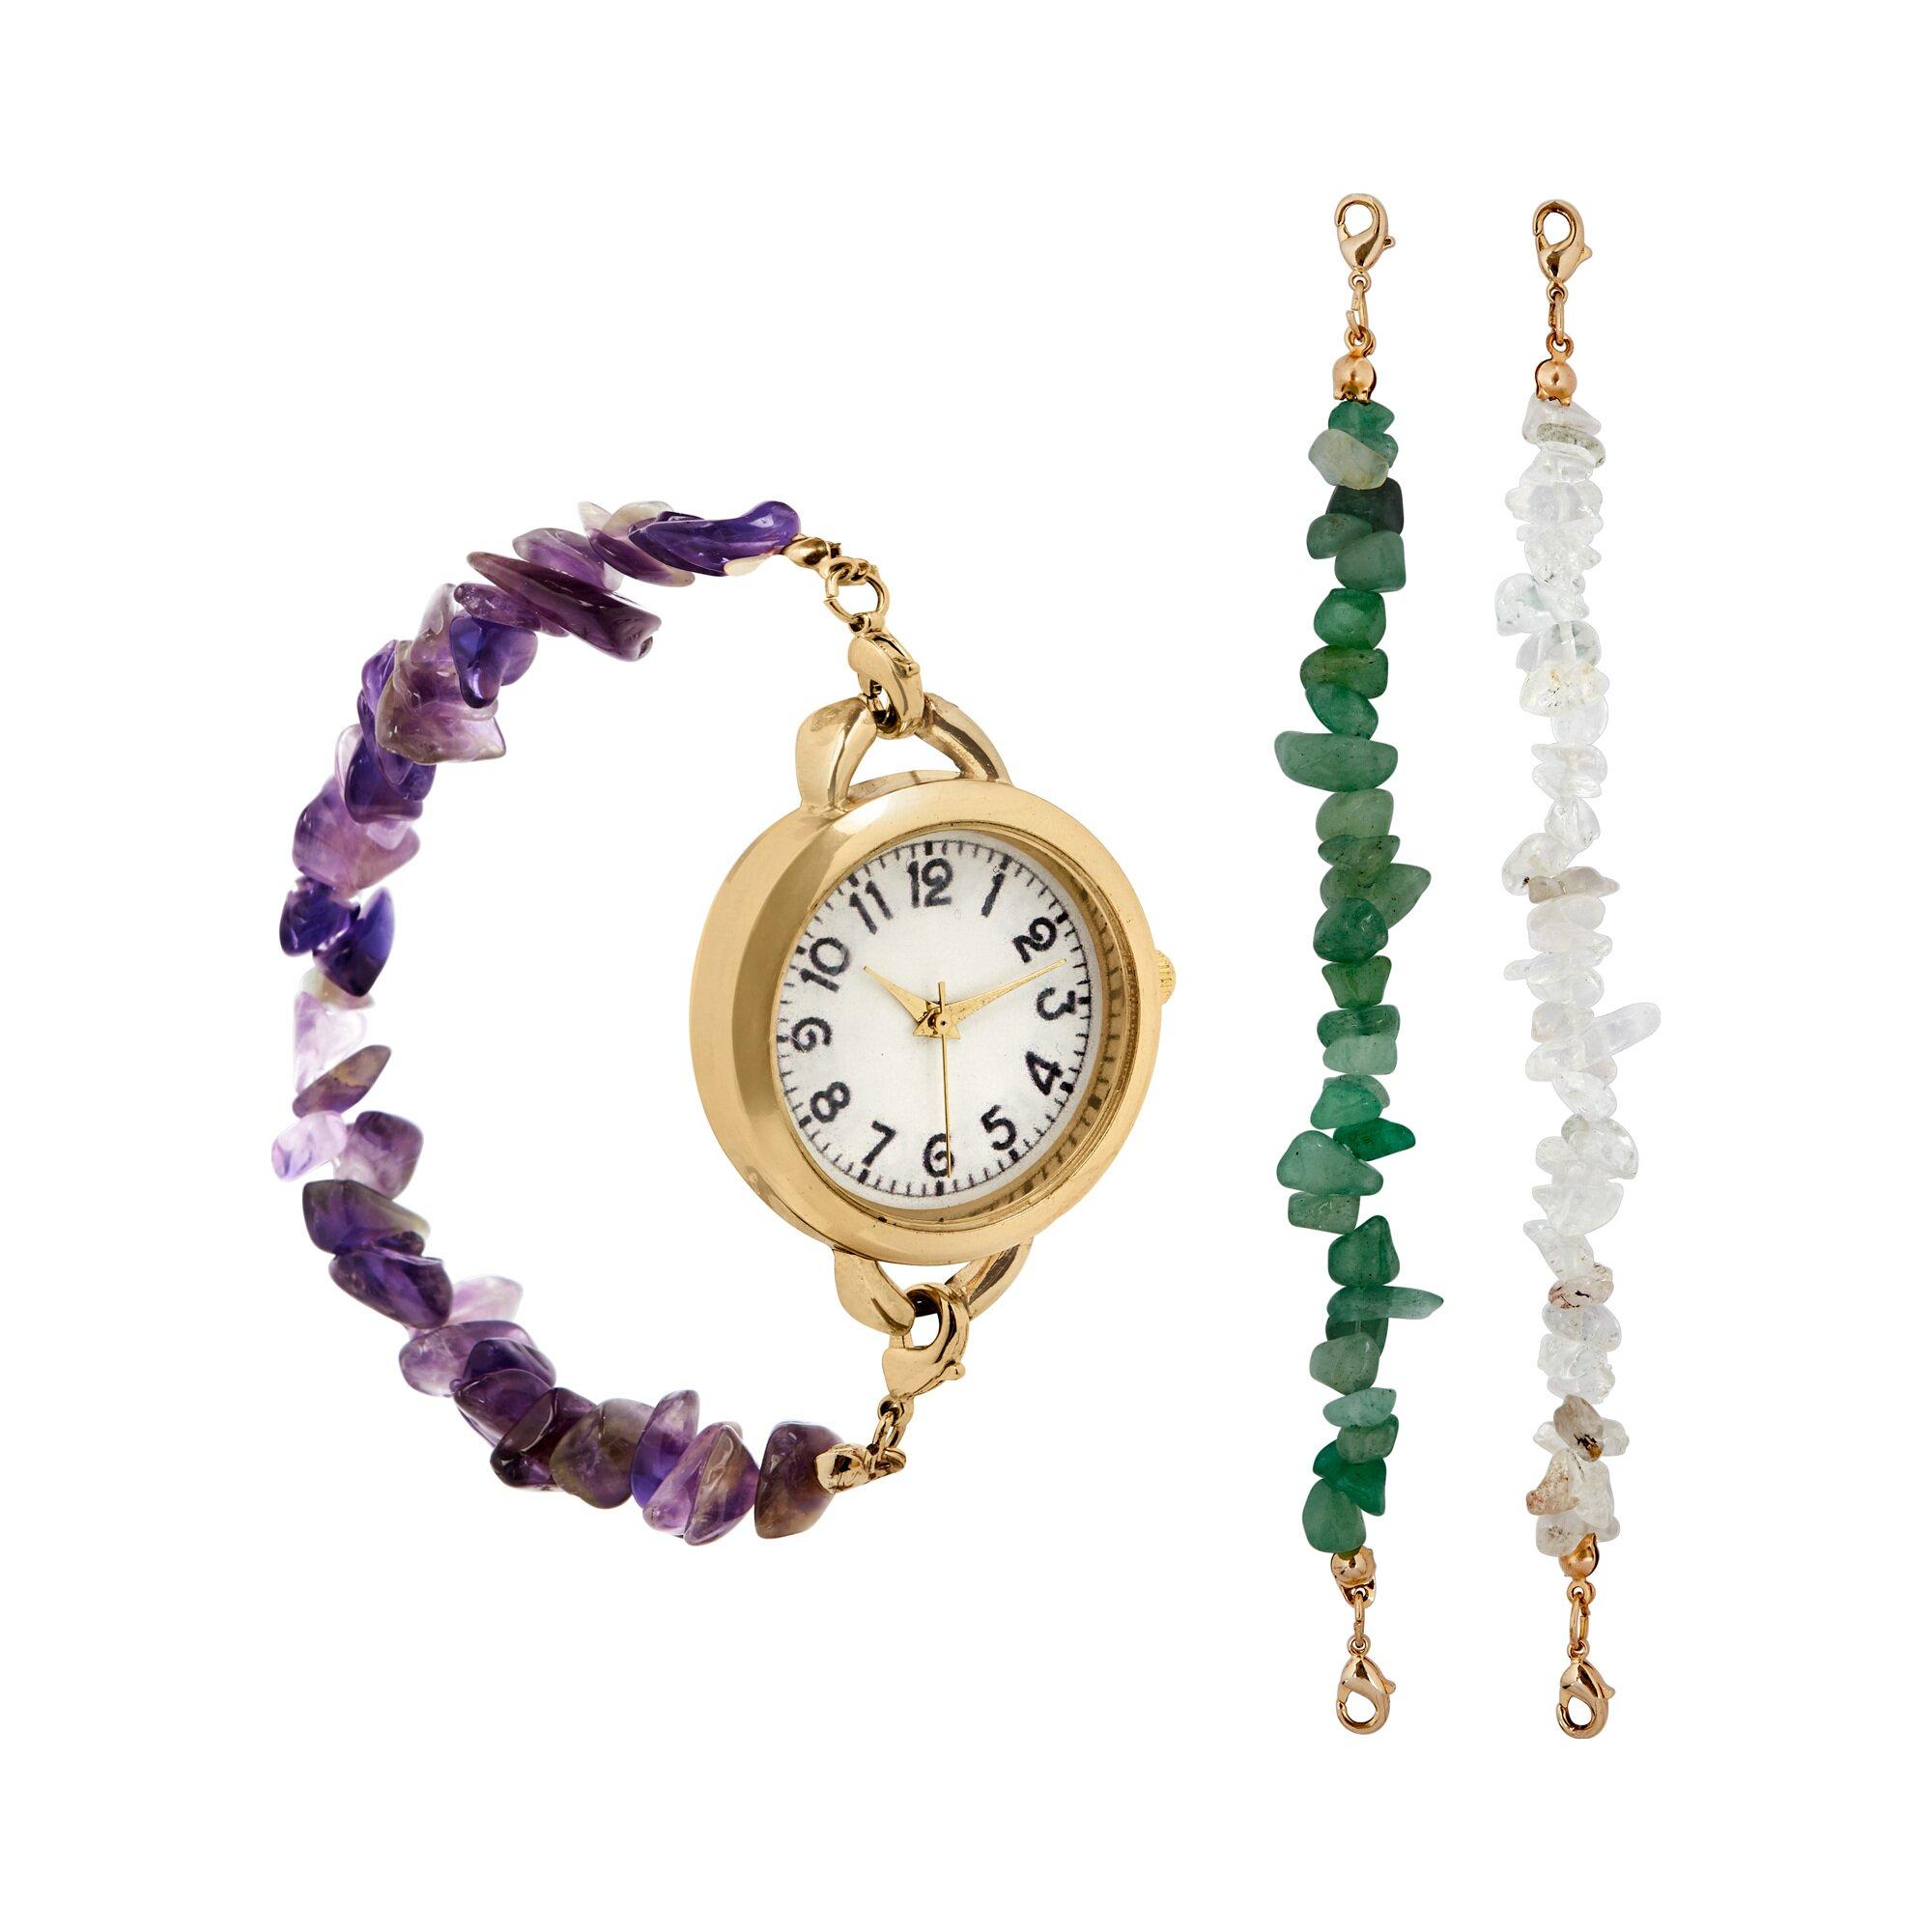 Image of Armbanduhr mit Edelstein-Wechselbändern